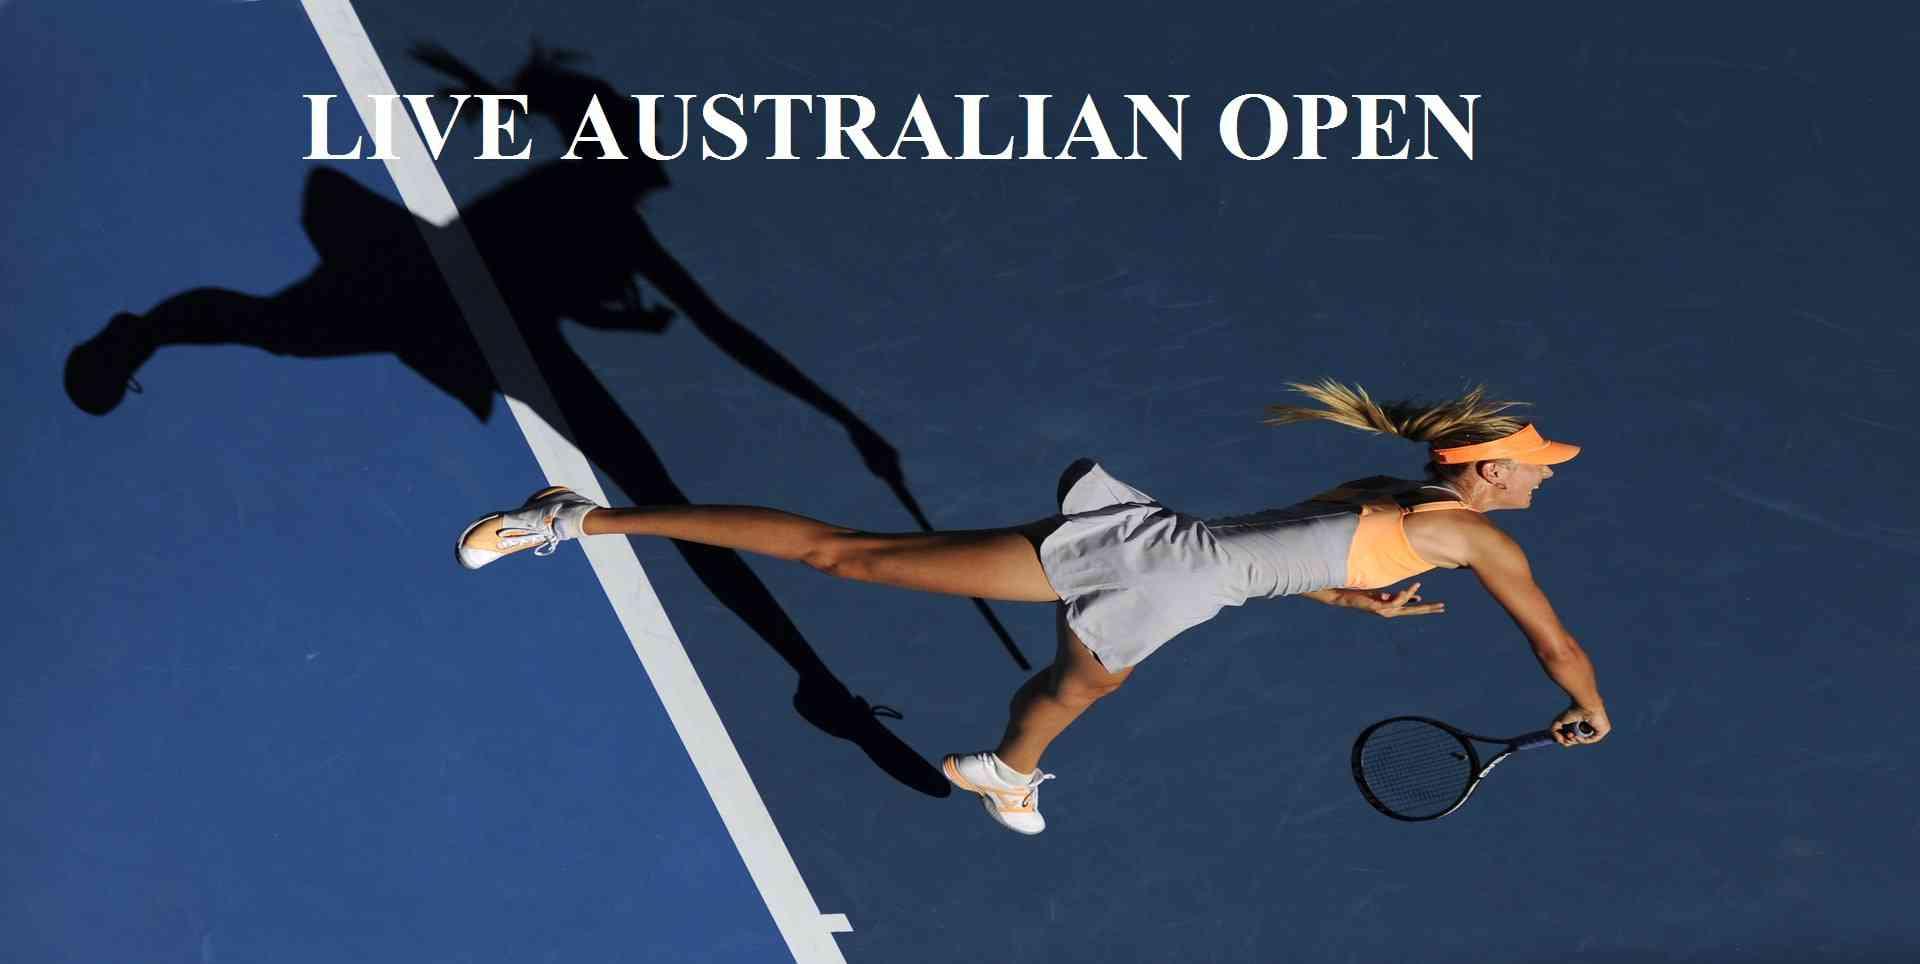 Live Australian Open 2017 Semifinals Online